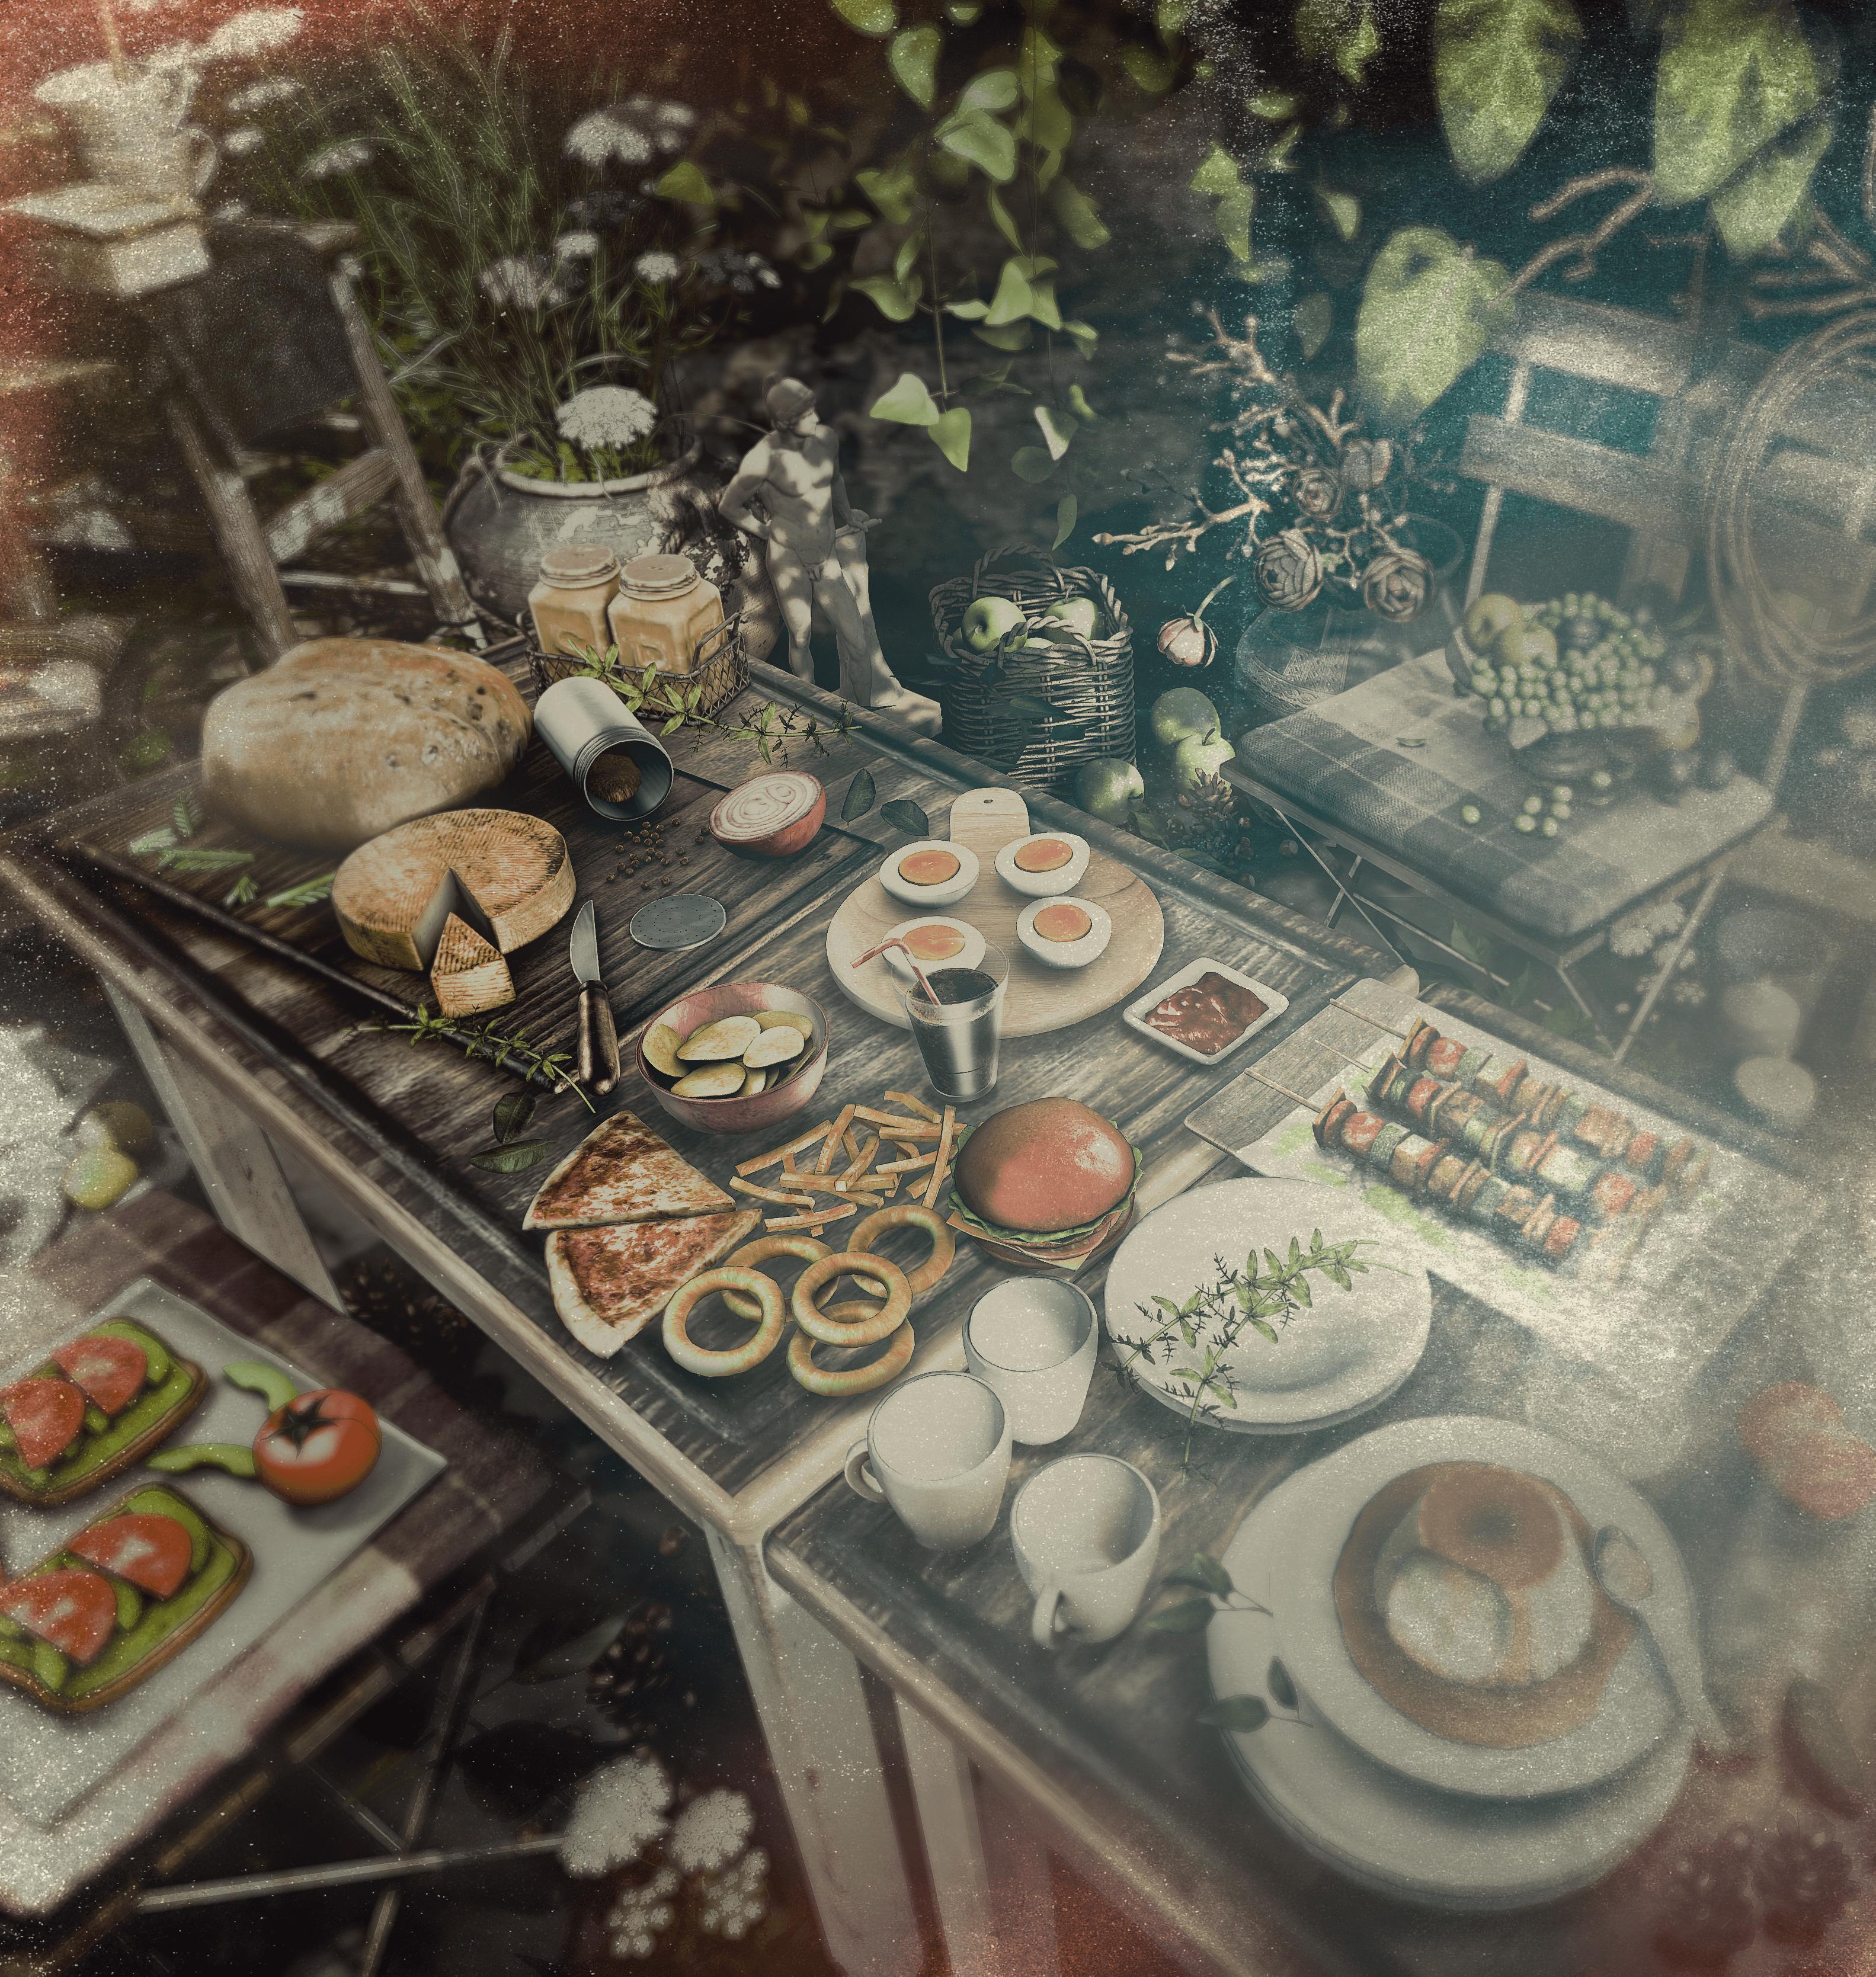 Hungry? gacha, by Ionic